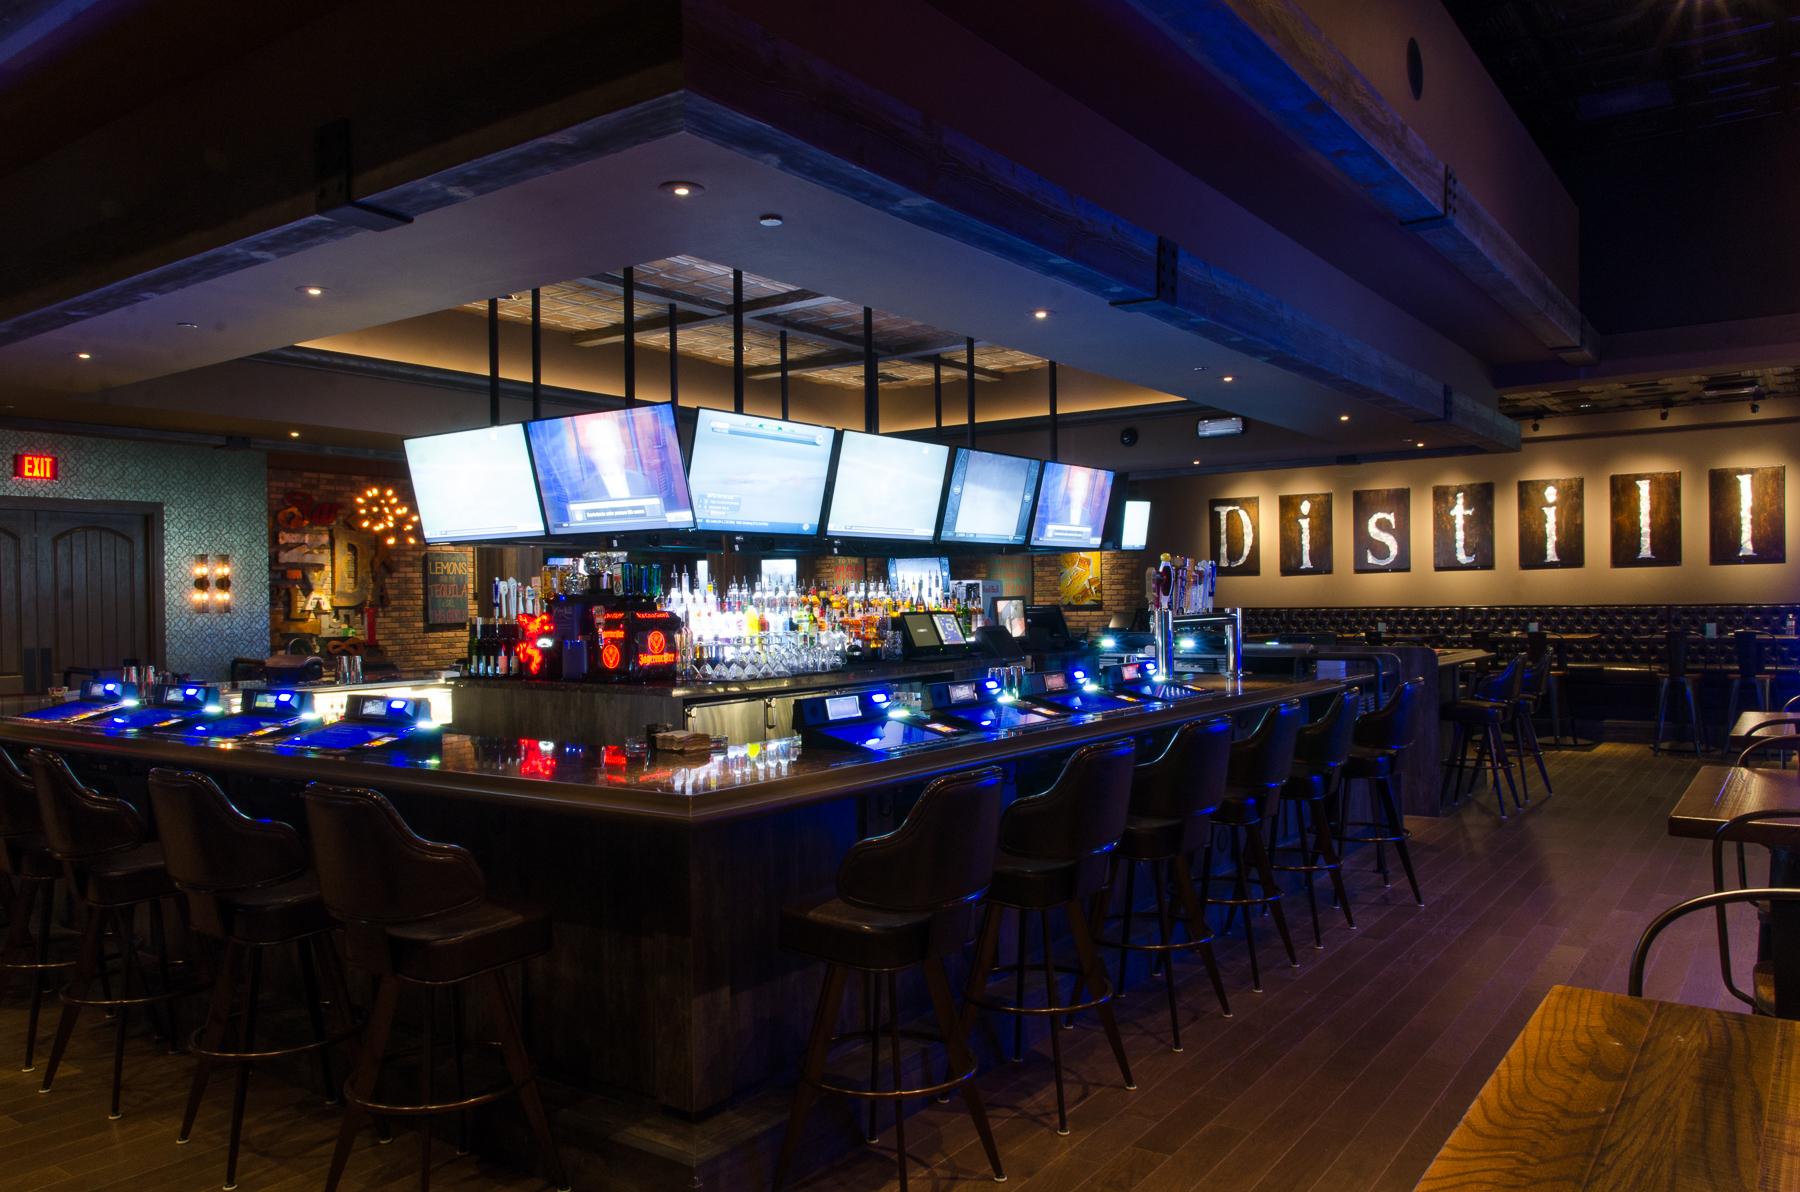 Distill — A Local Bar